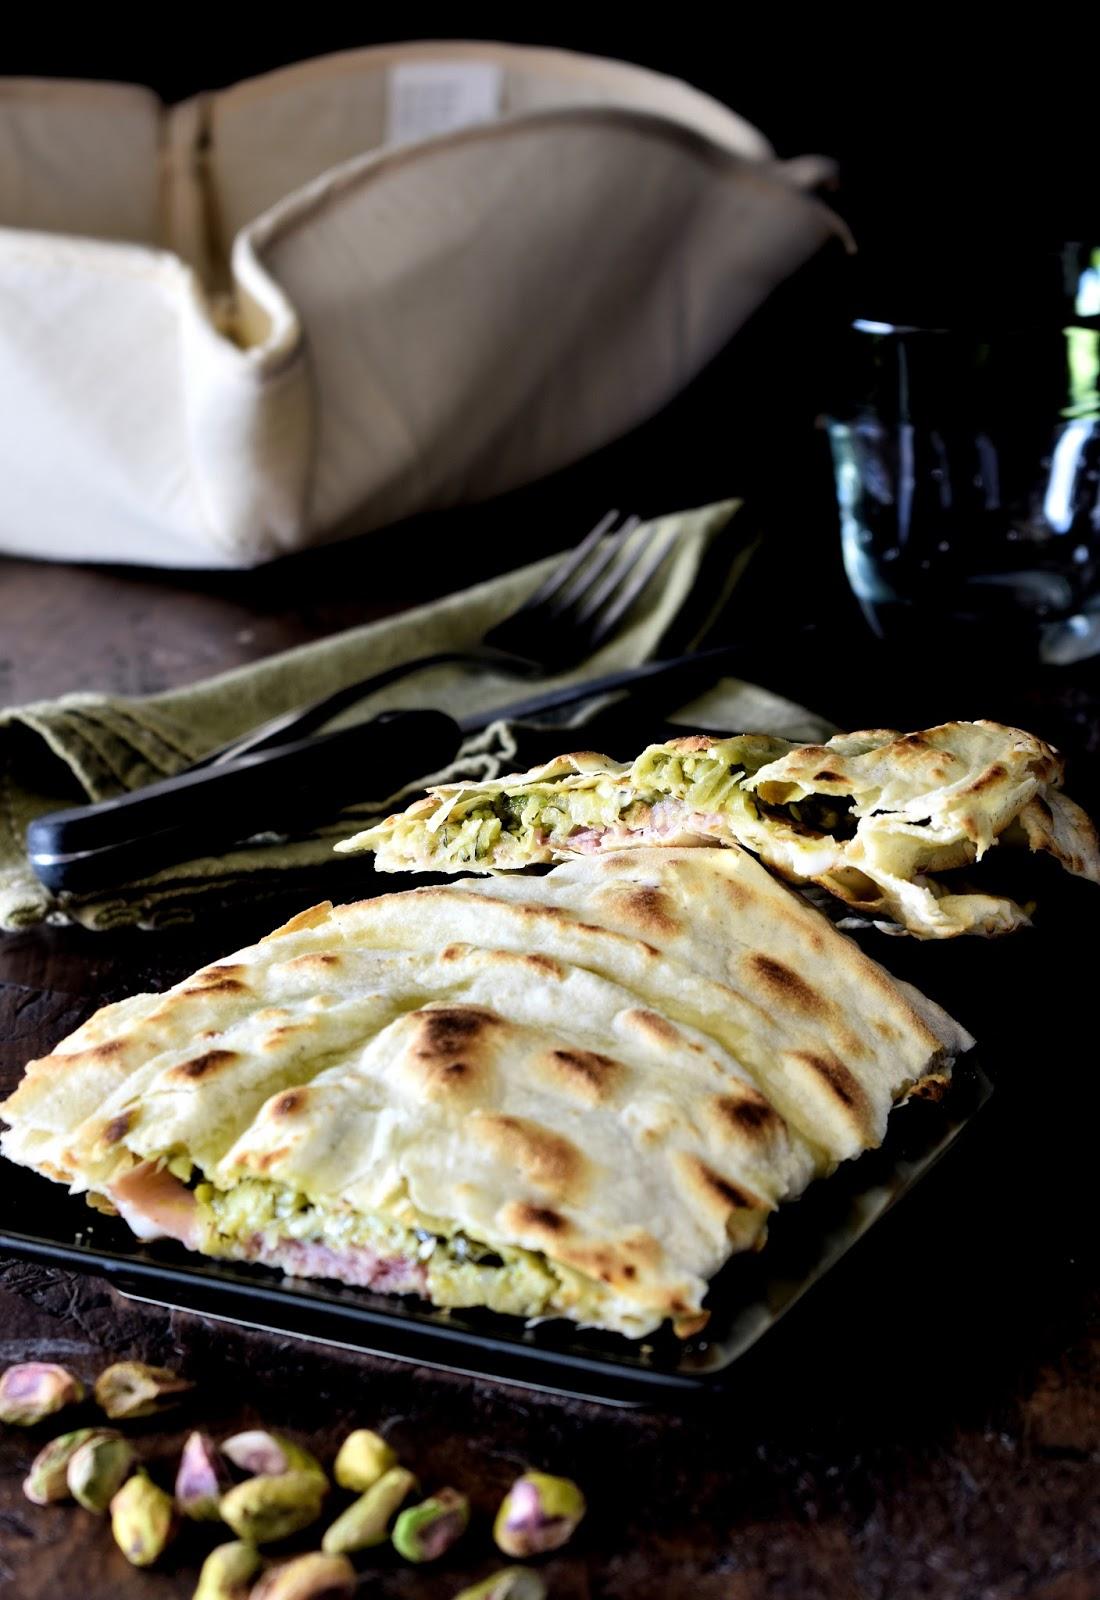 Piadina con squacquerone, pesto di pistacchi, prosciutto cotto e zucchine